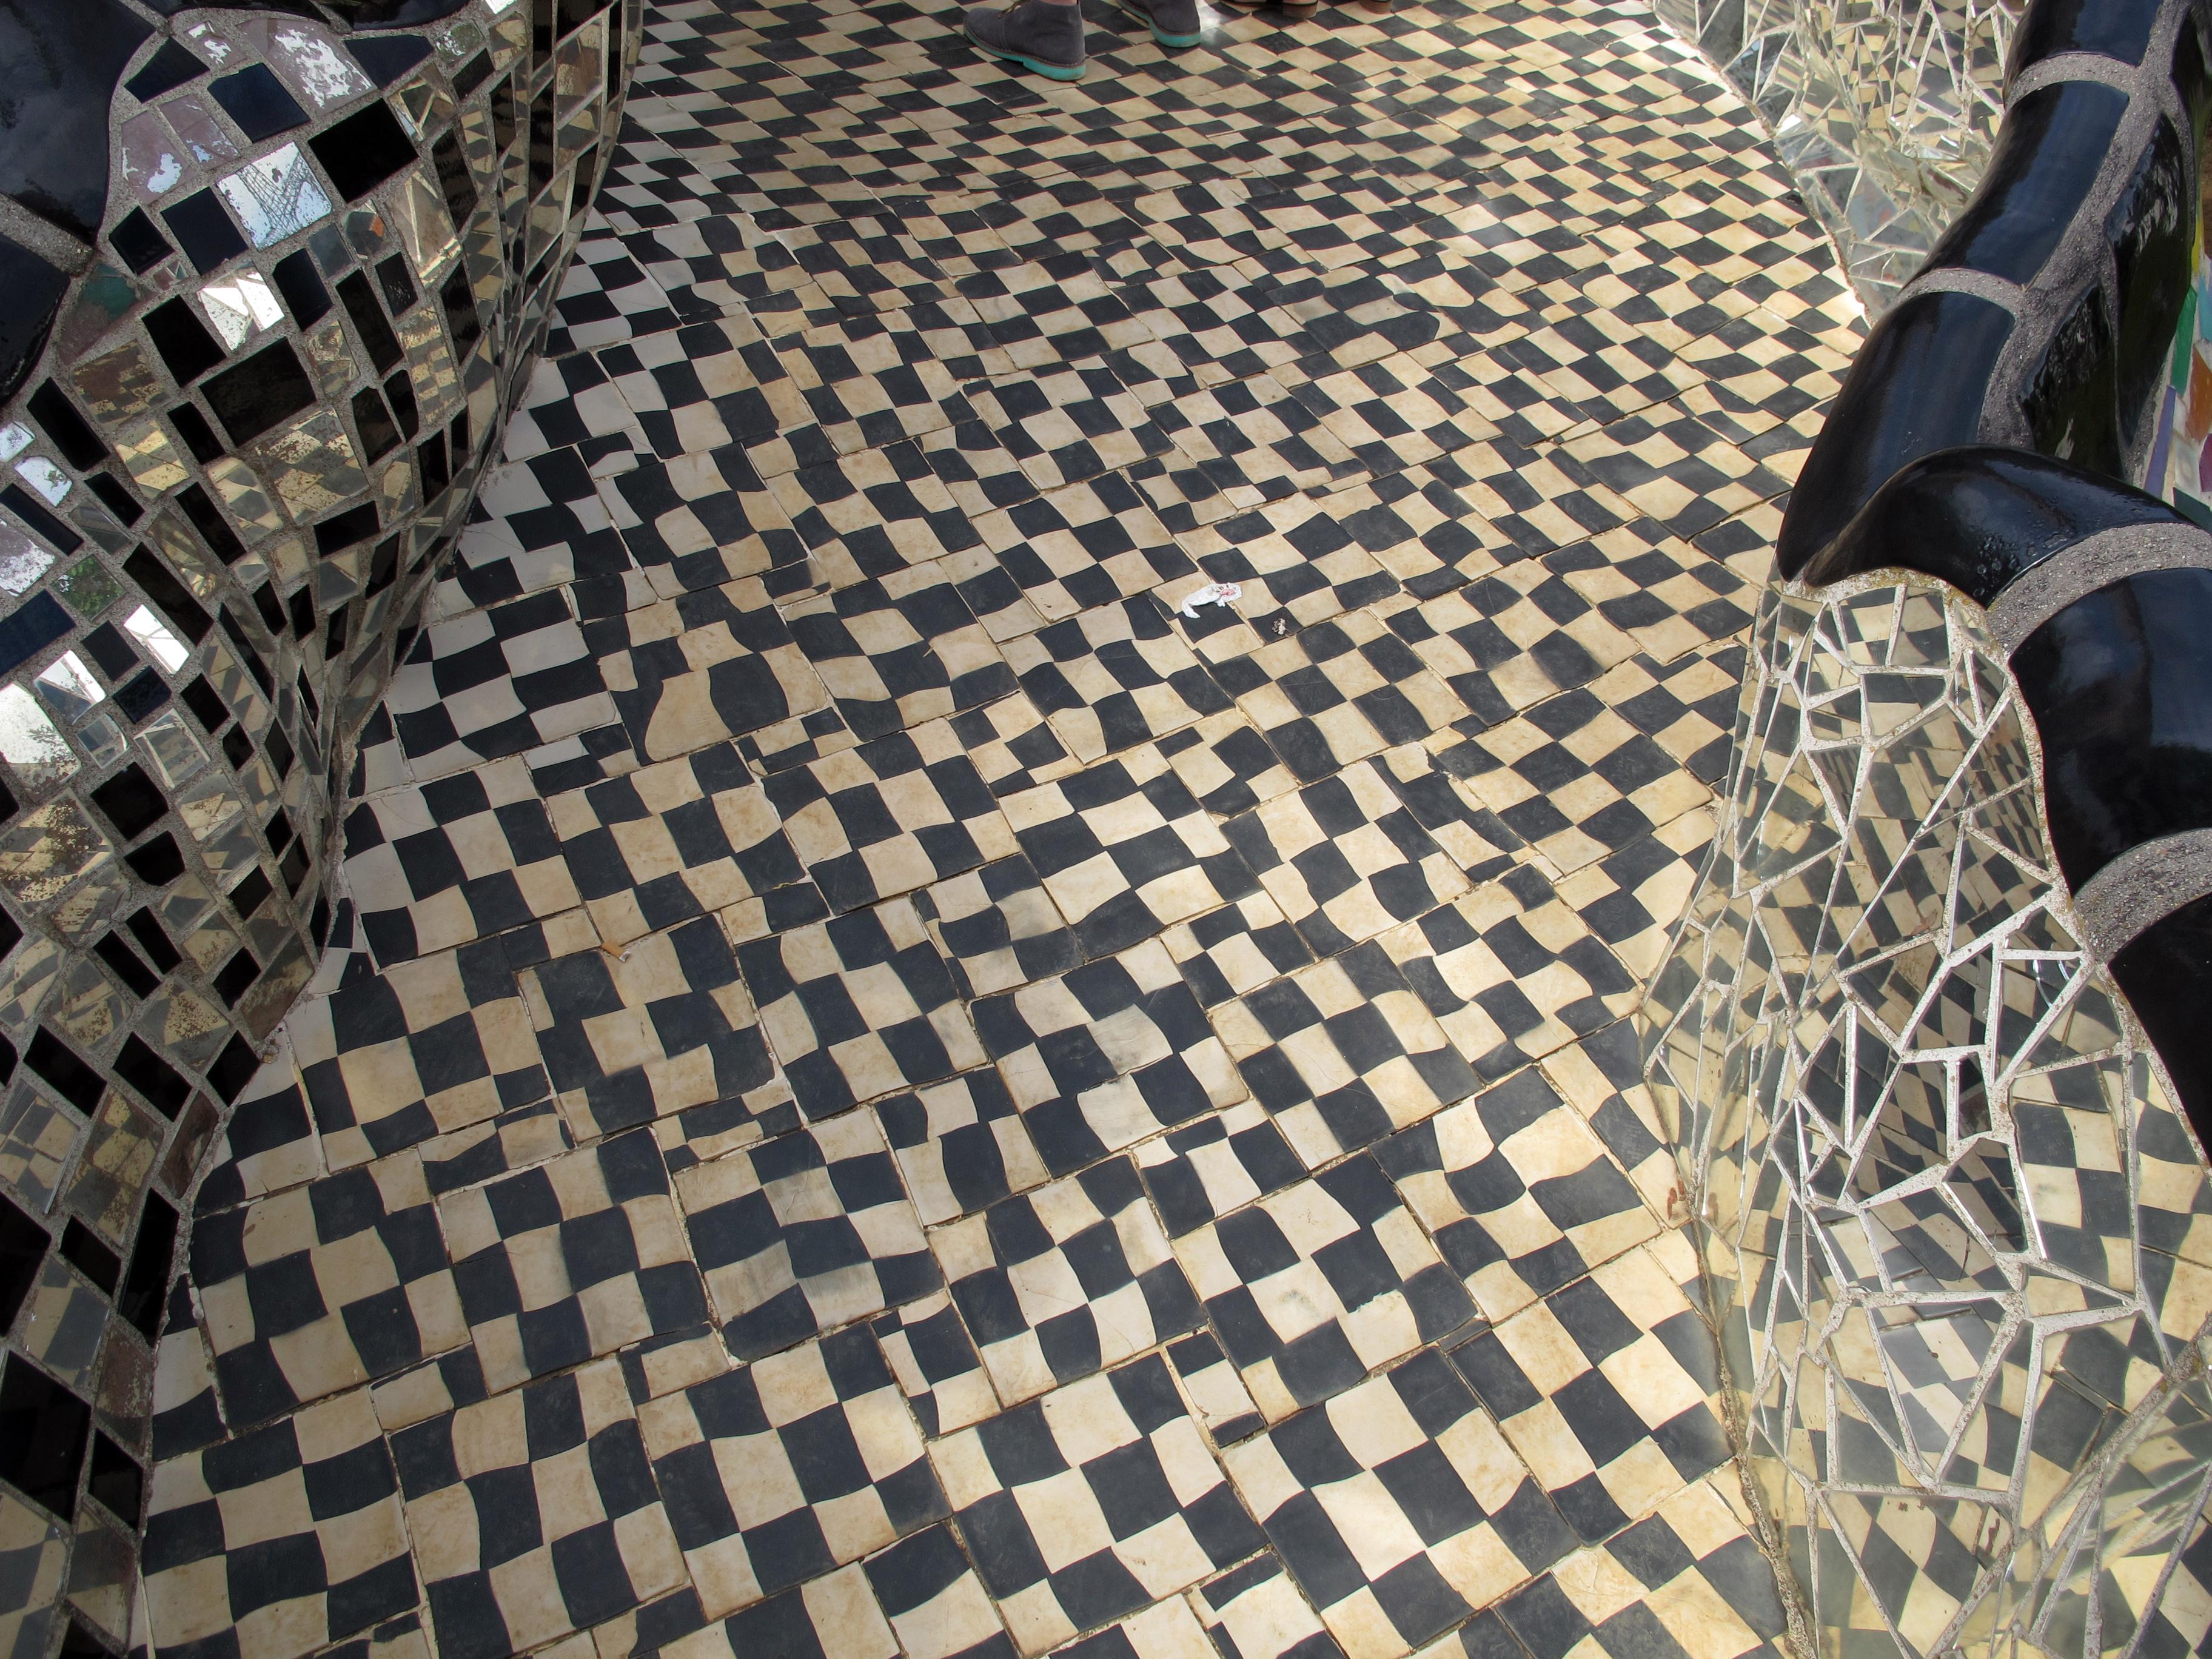 File:Niki de saint-phalle, giardino dei tarocchi, la torre, pattern ...